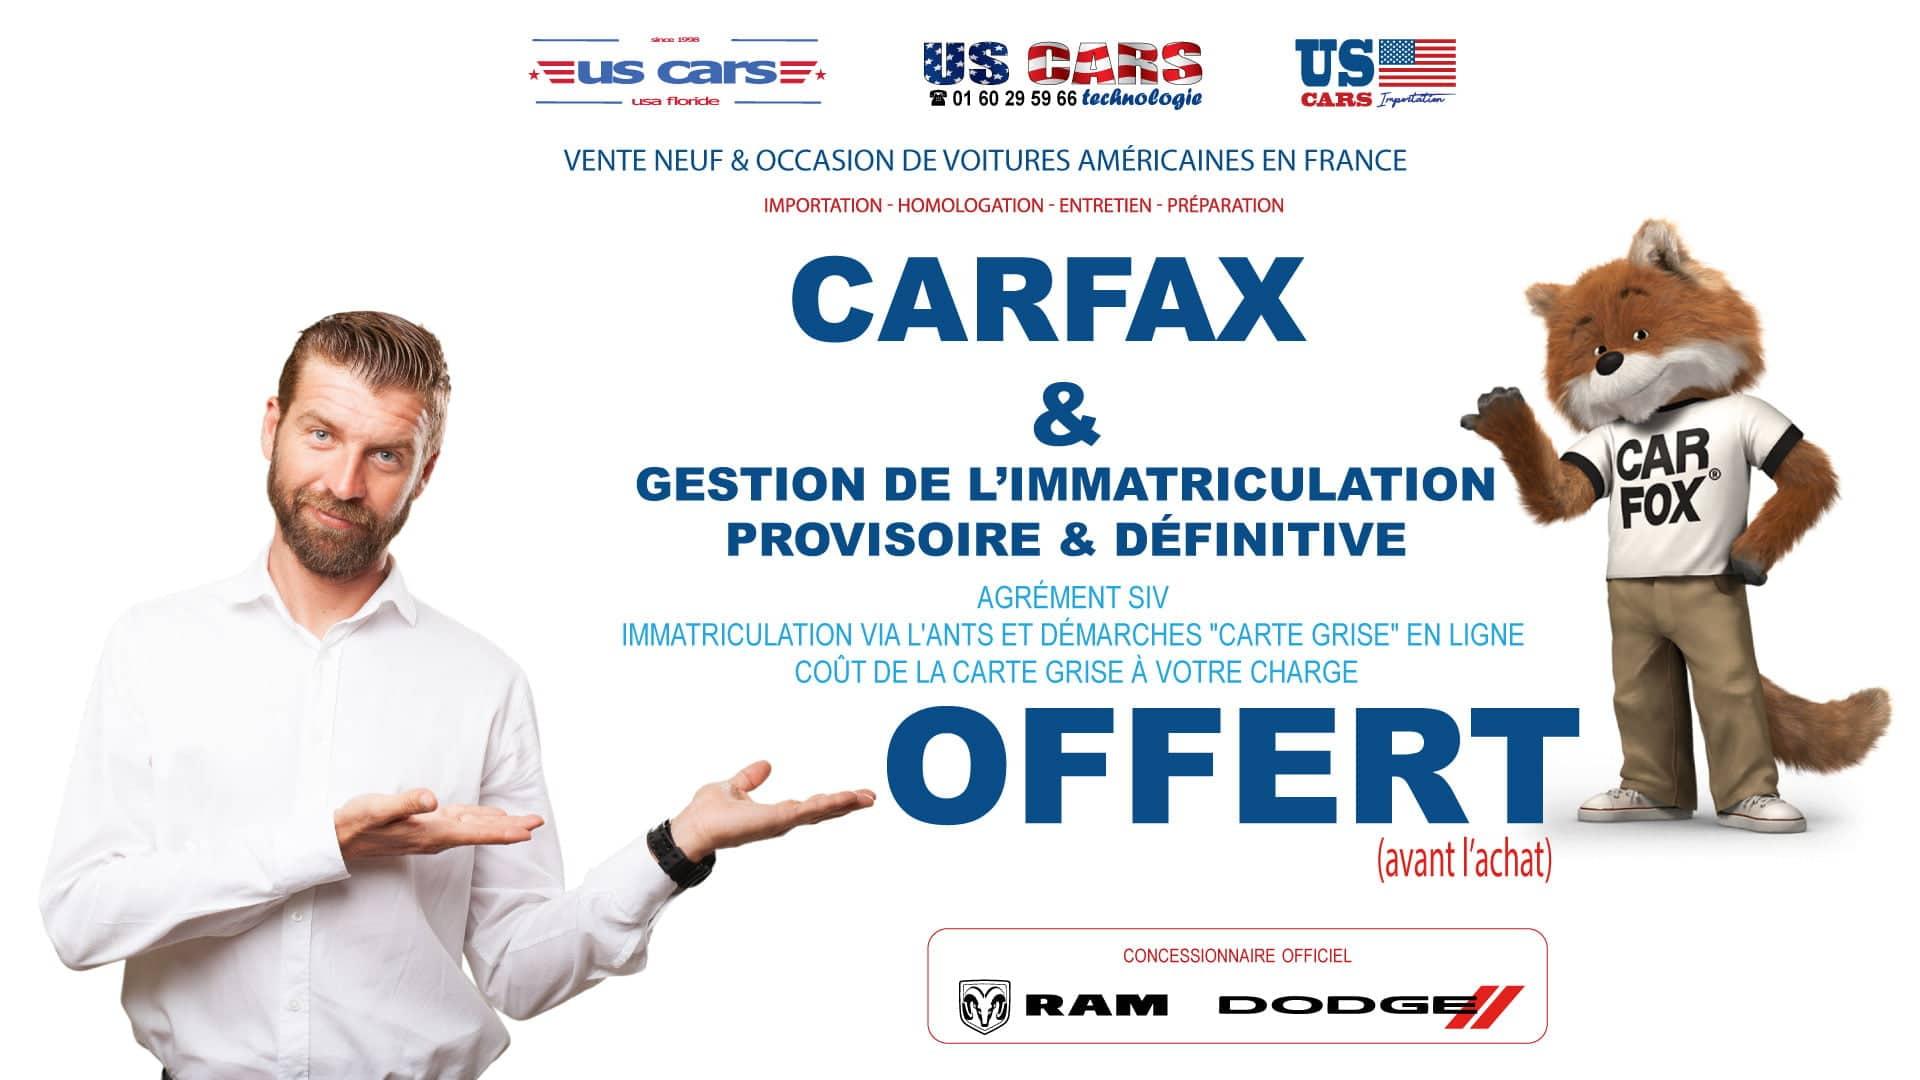 carfax-offert-usa